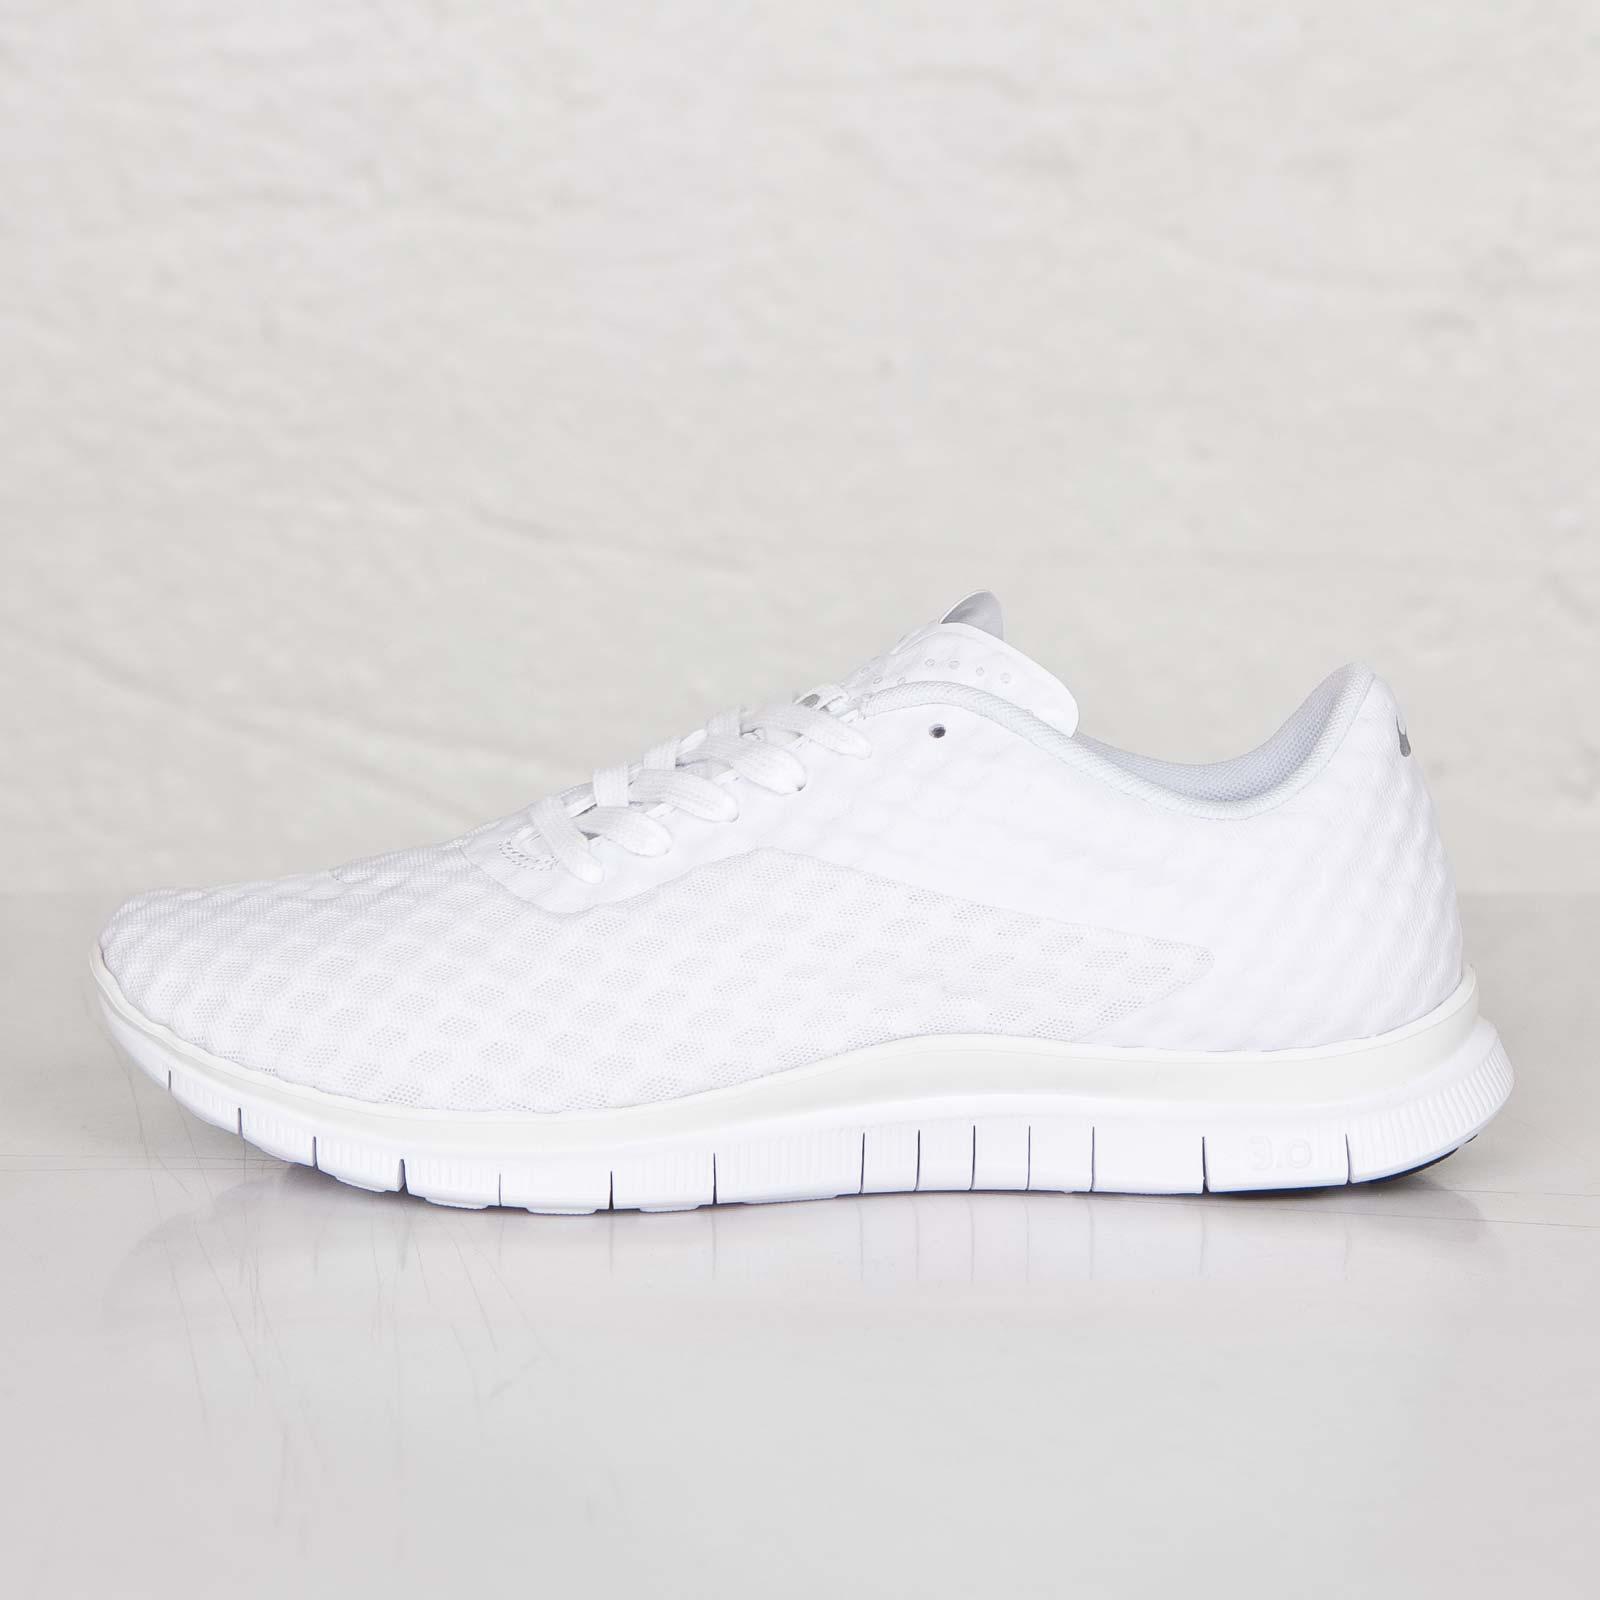 pretty nice af4eb d27fe Nike Free Hypervenom Low - 725125-100 - Sneakersnstuff   sneakers    streetwear online since 1999